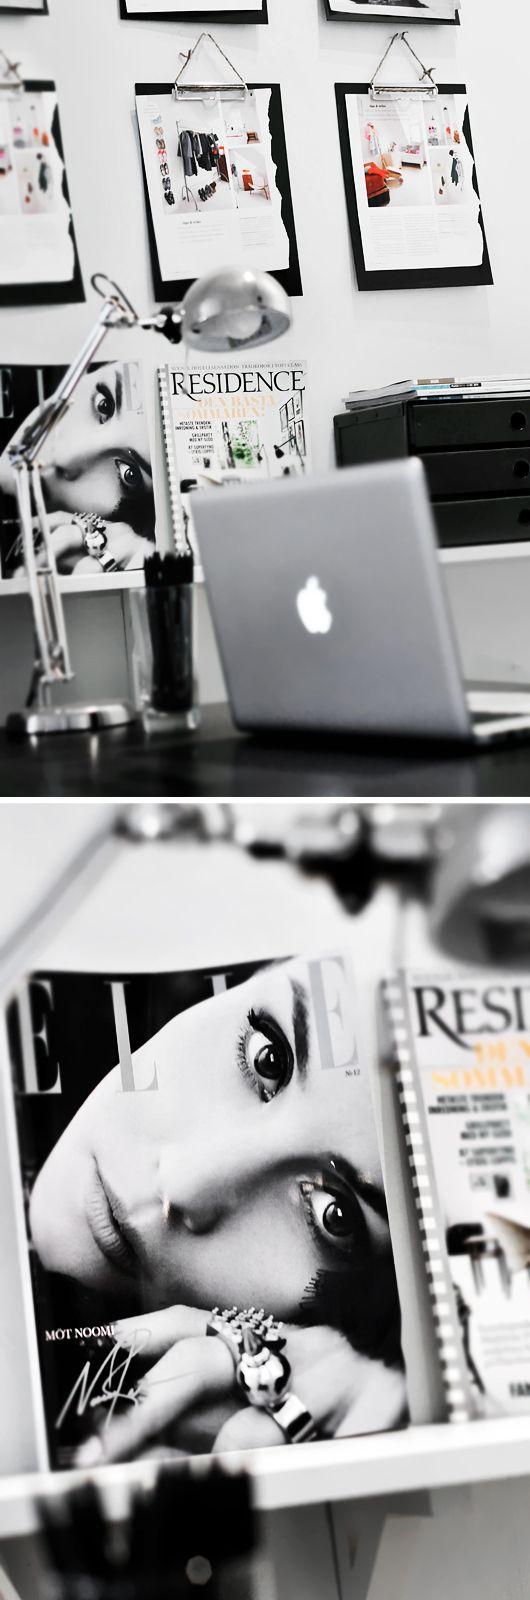 Indretning af kontor, hjemmekontor, kontor, kontorindretning, inspiration, visionboard, inspirationsvæg, moodboard, feng shui http://mindfulstyling.dk/indretning-der-oger-effektiviteten-pa-arbejdspladsen/